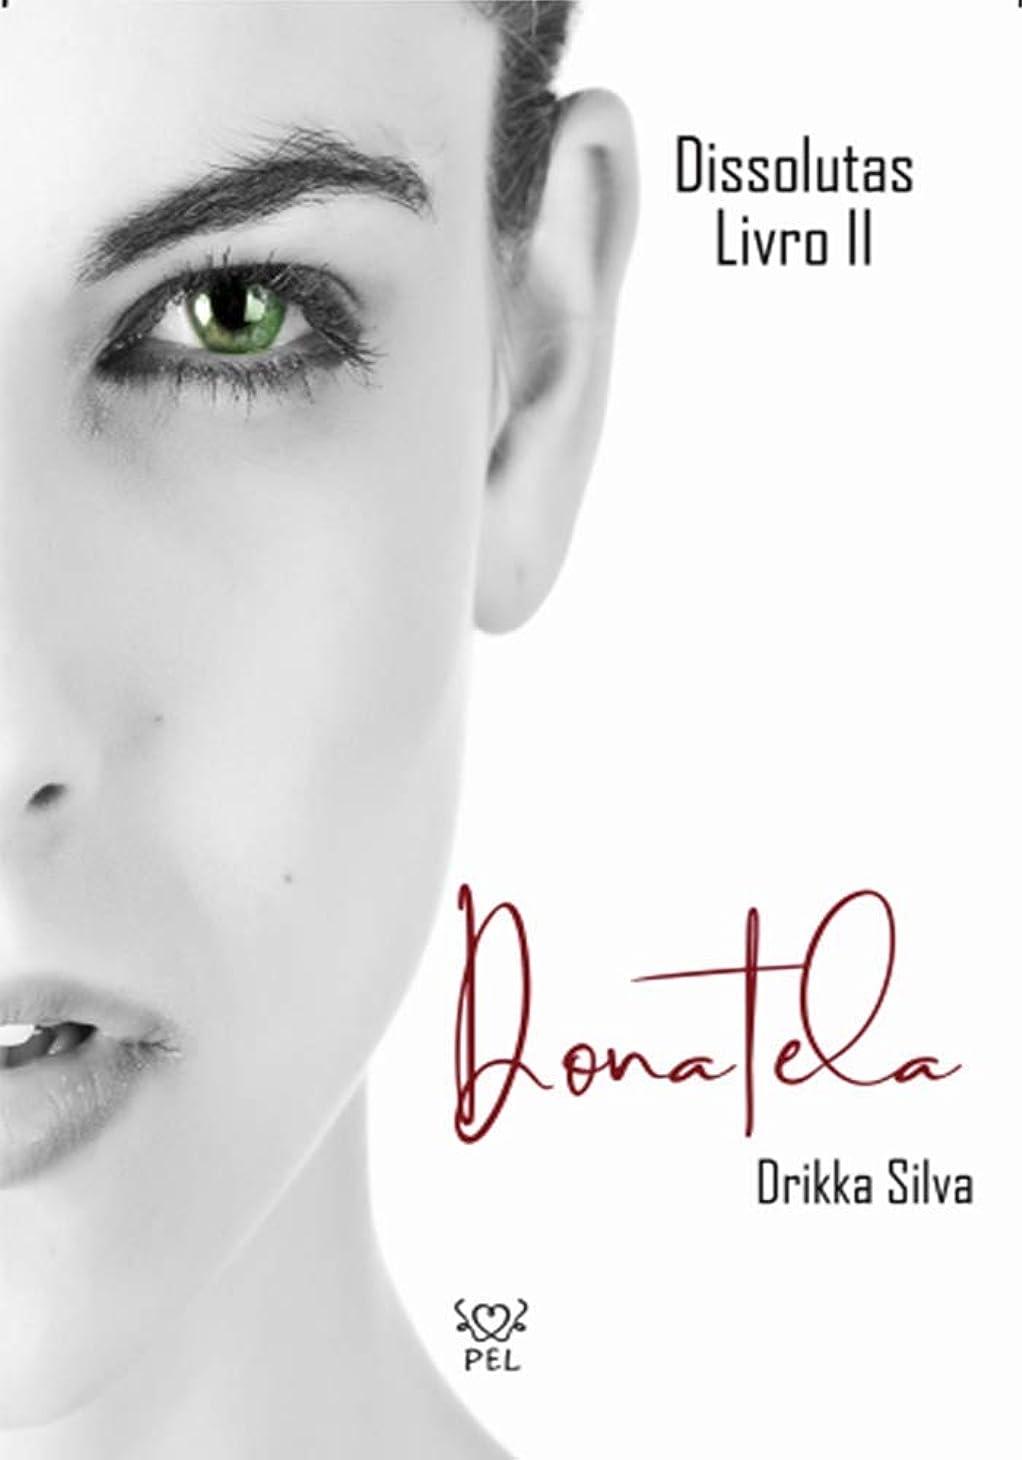 絶対の集中的な可聴Dissolutas livro II - Donatela  (Portuguese Edition)